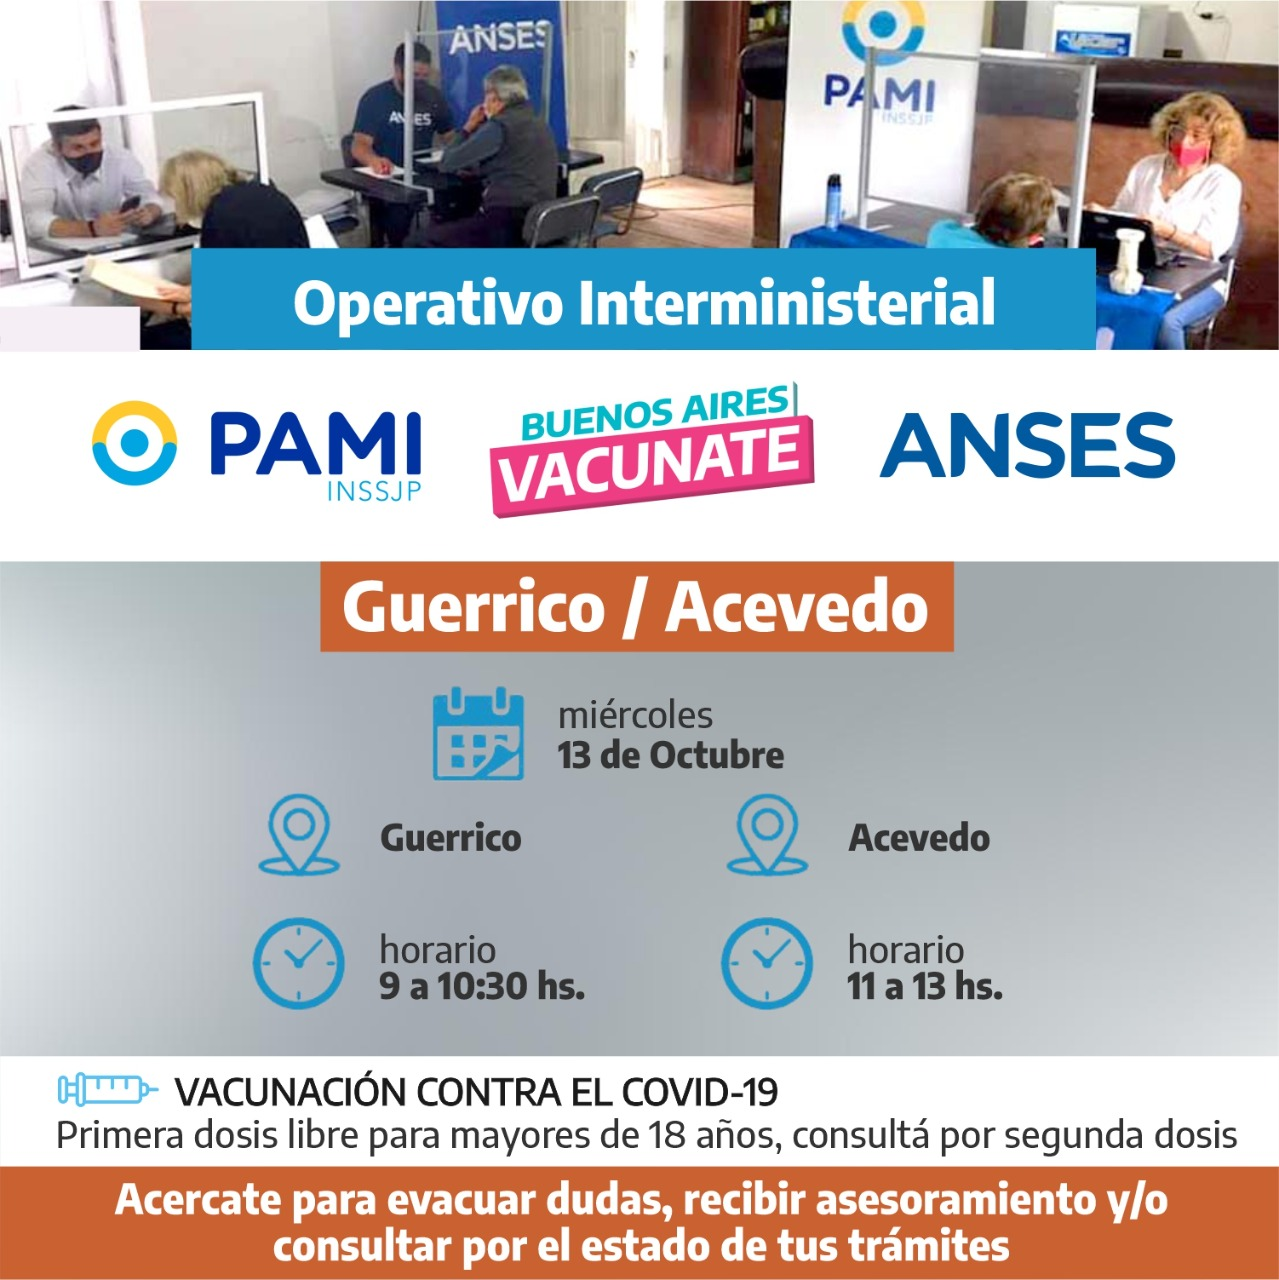 Operativo ANSES-PAMI en Acevedo y Guerrico 1